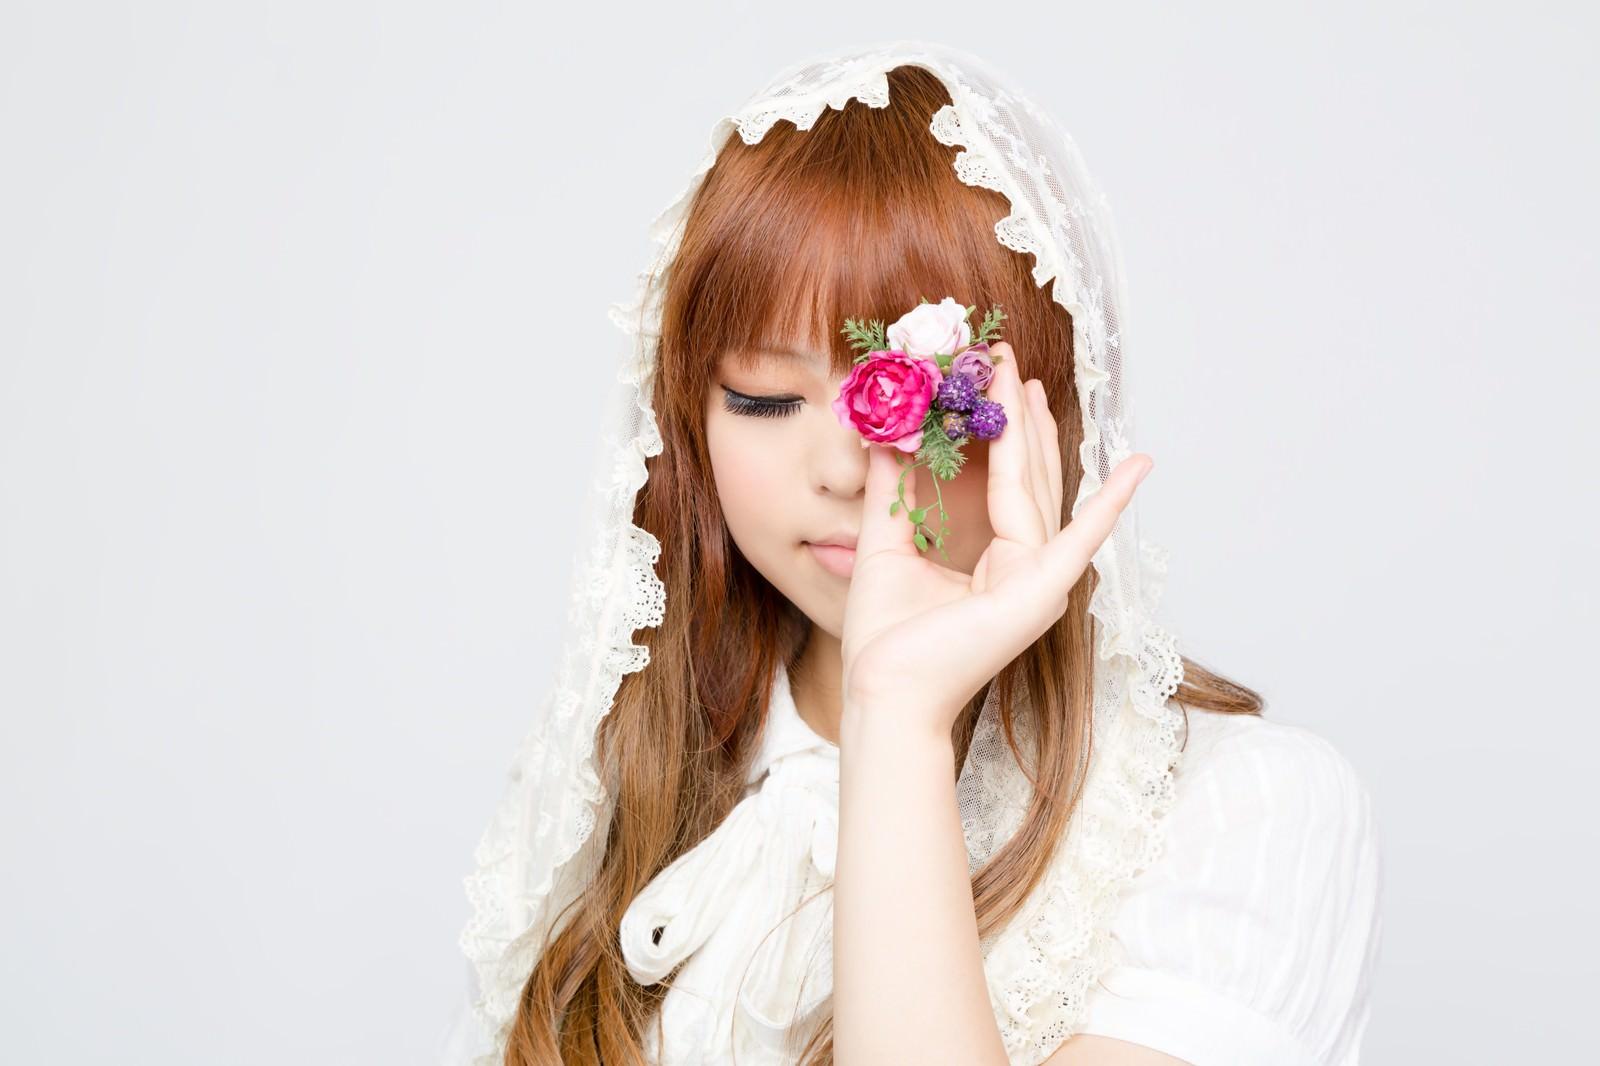 「花のアクセサリーで遊ぶゆるふわな女の子」の写真[モデル:あみ]